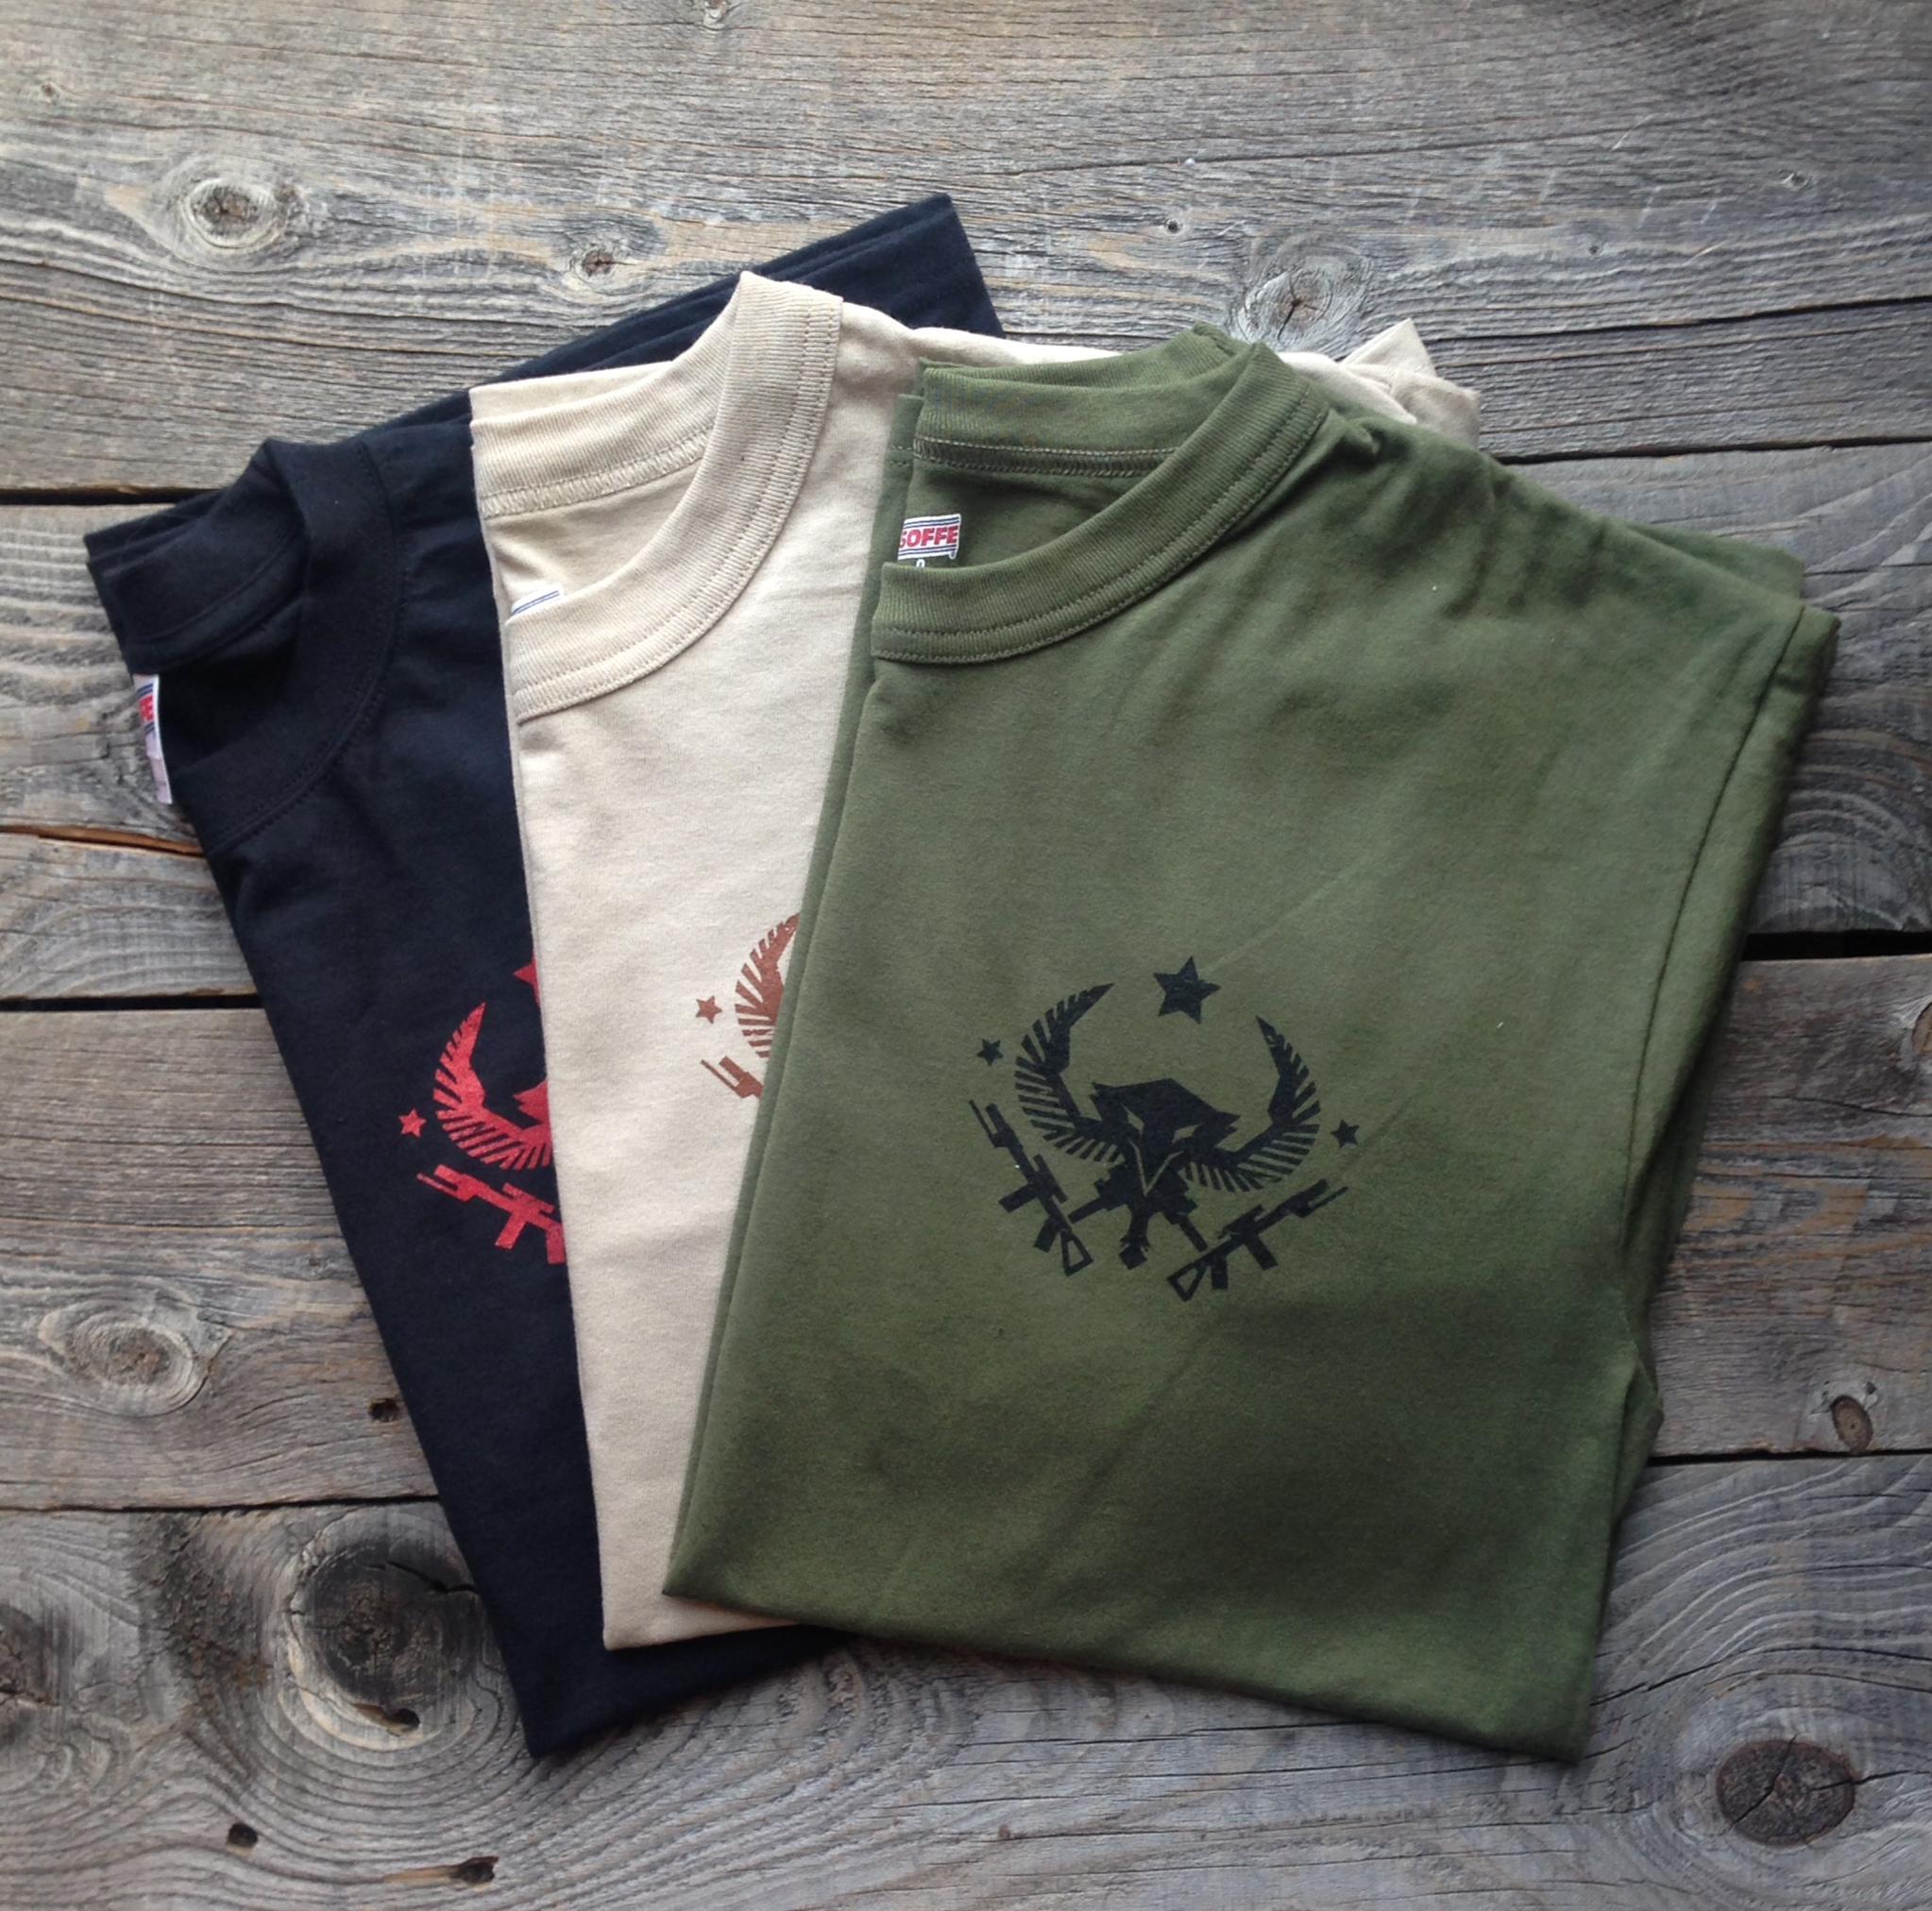 apshirts